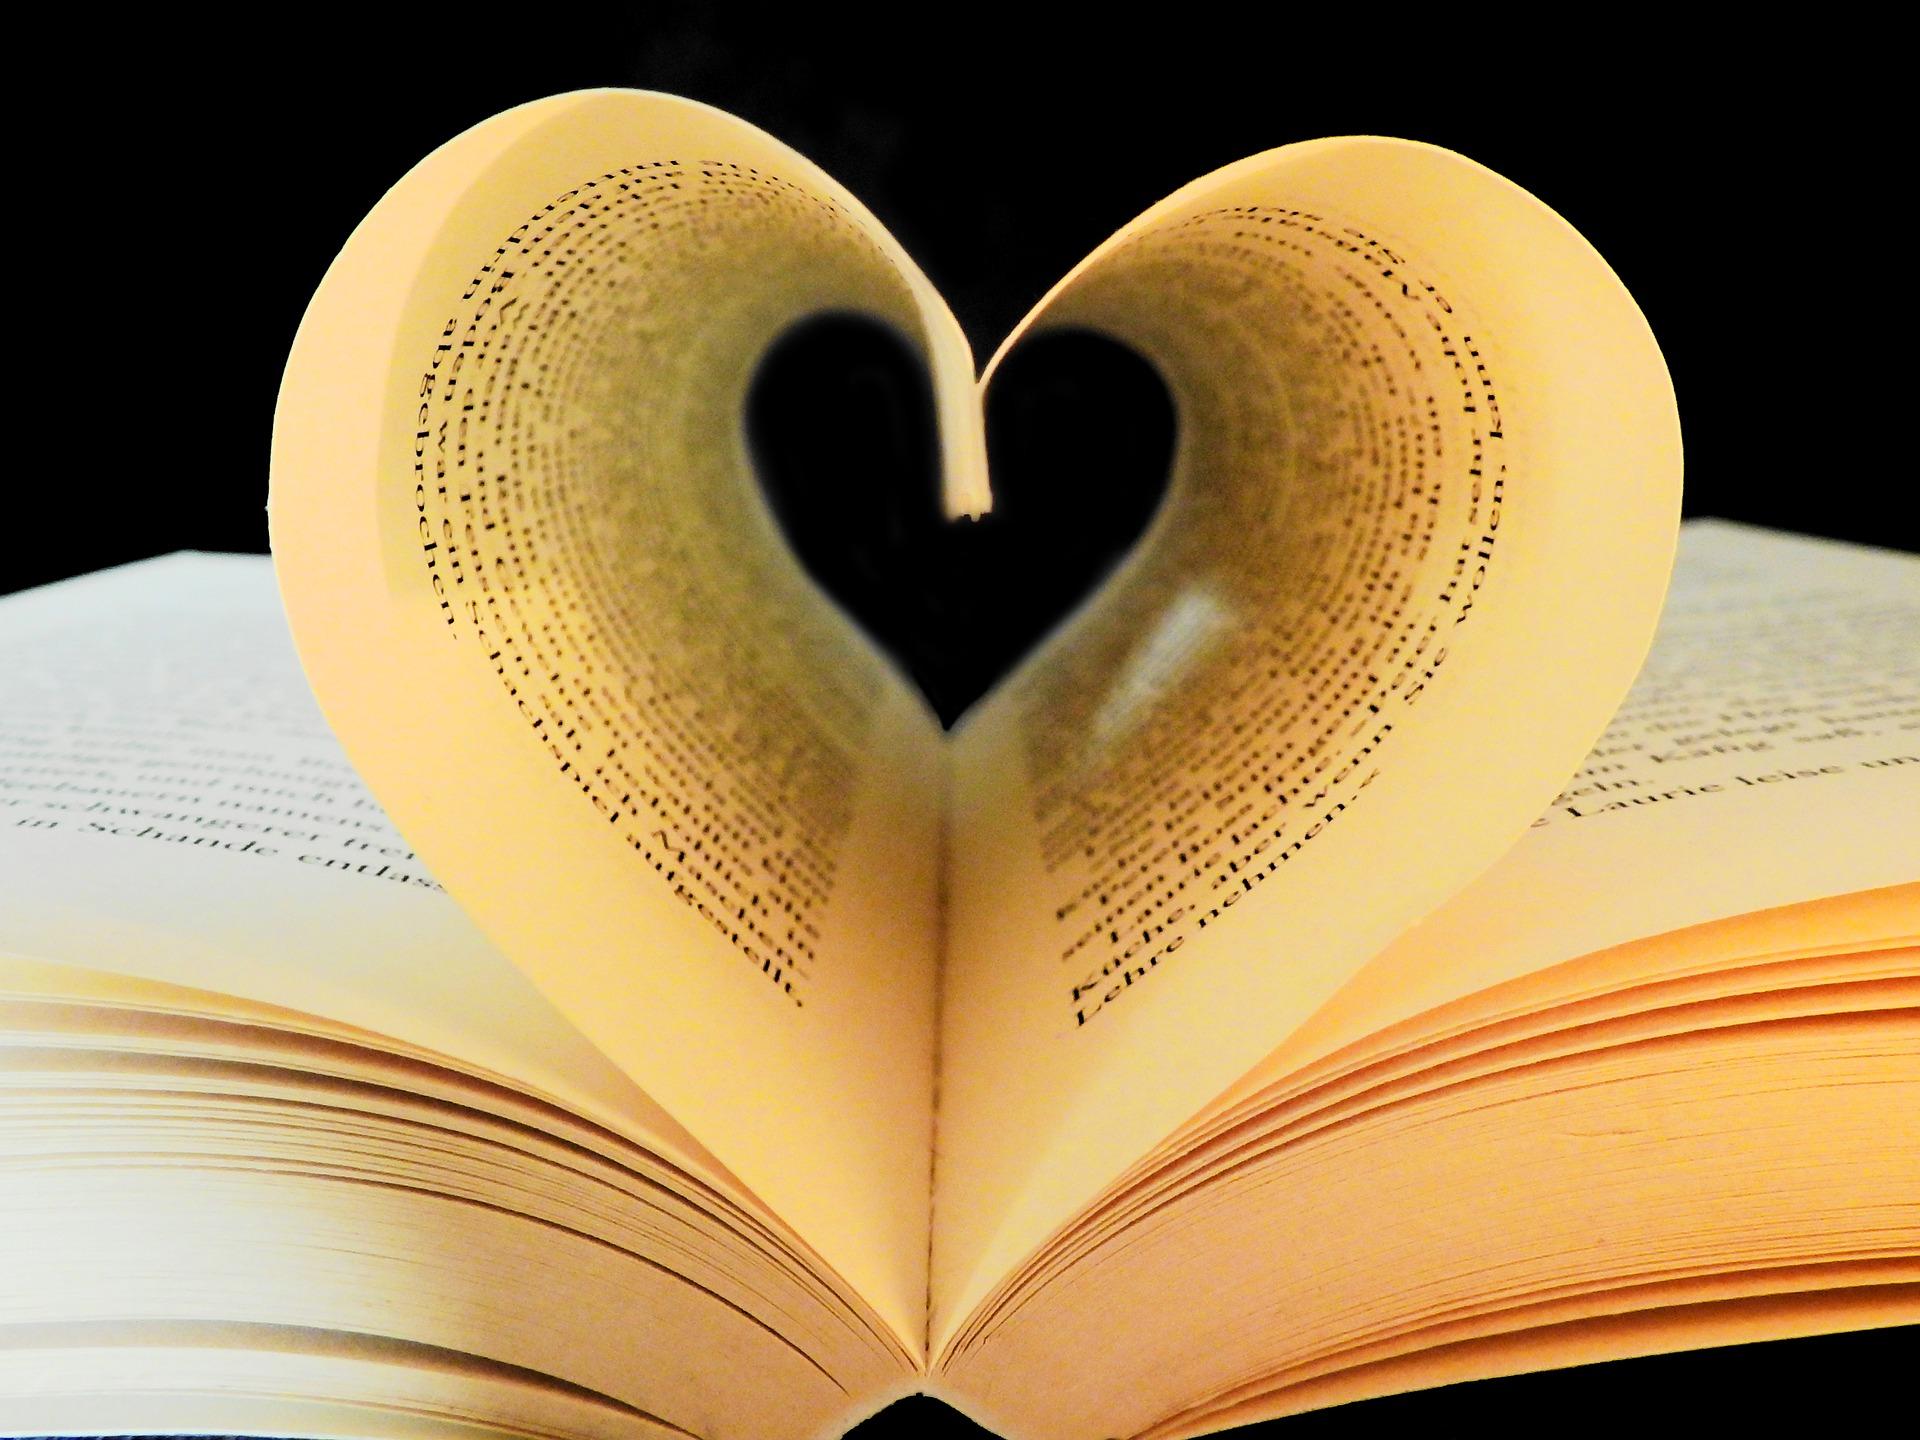 язык другие картинки с сердечками и книгой клин является наиболее